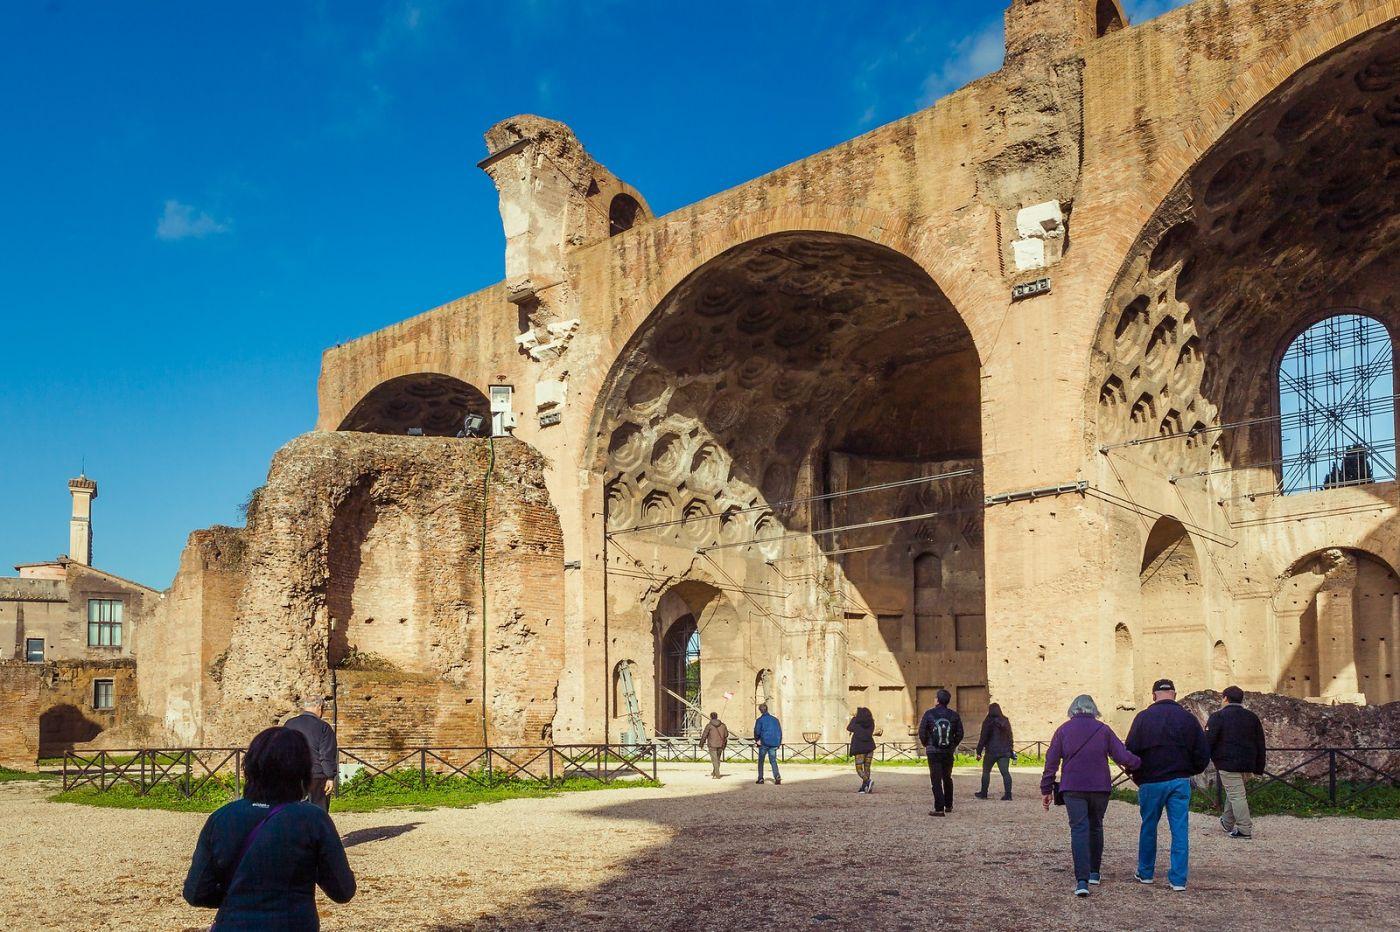 意大利罗马论坛,二千年的历史_图1-13